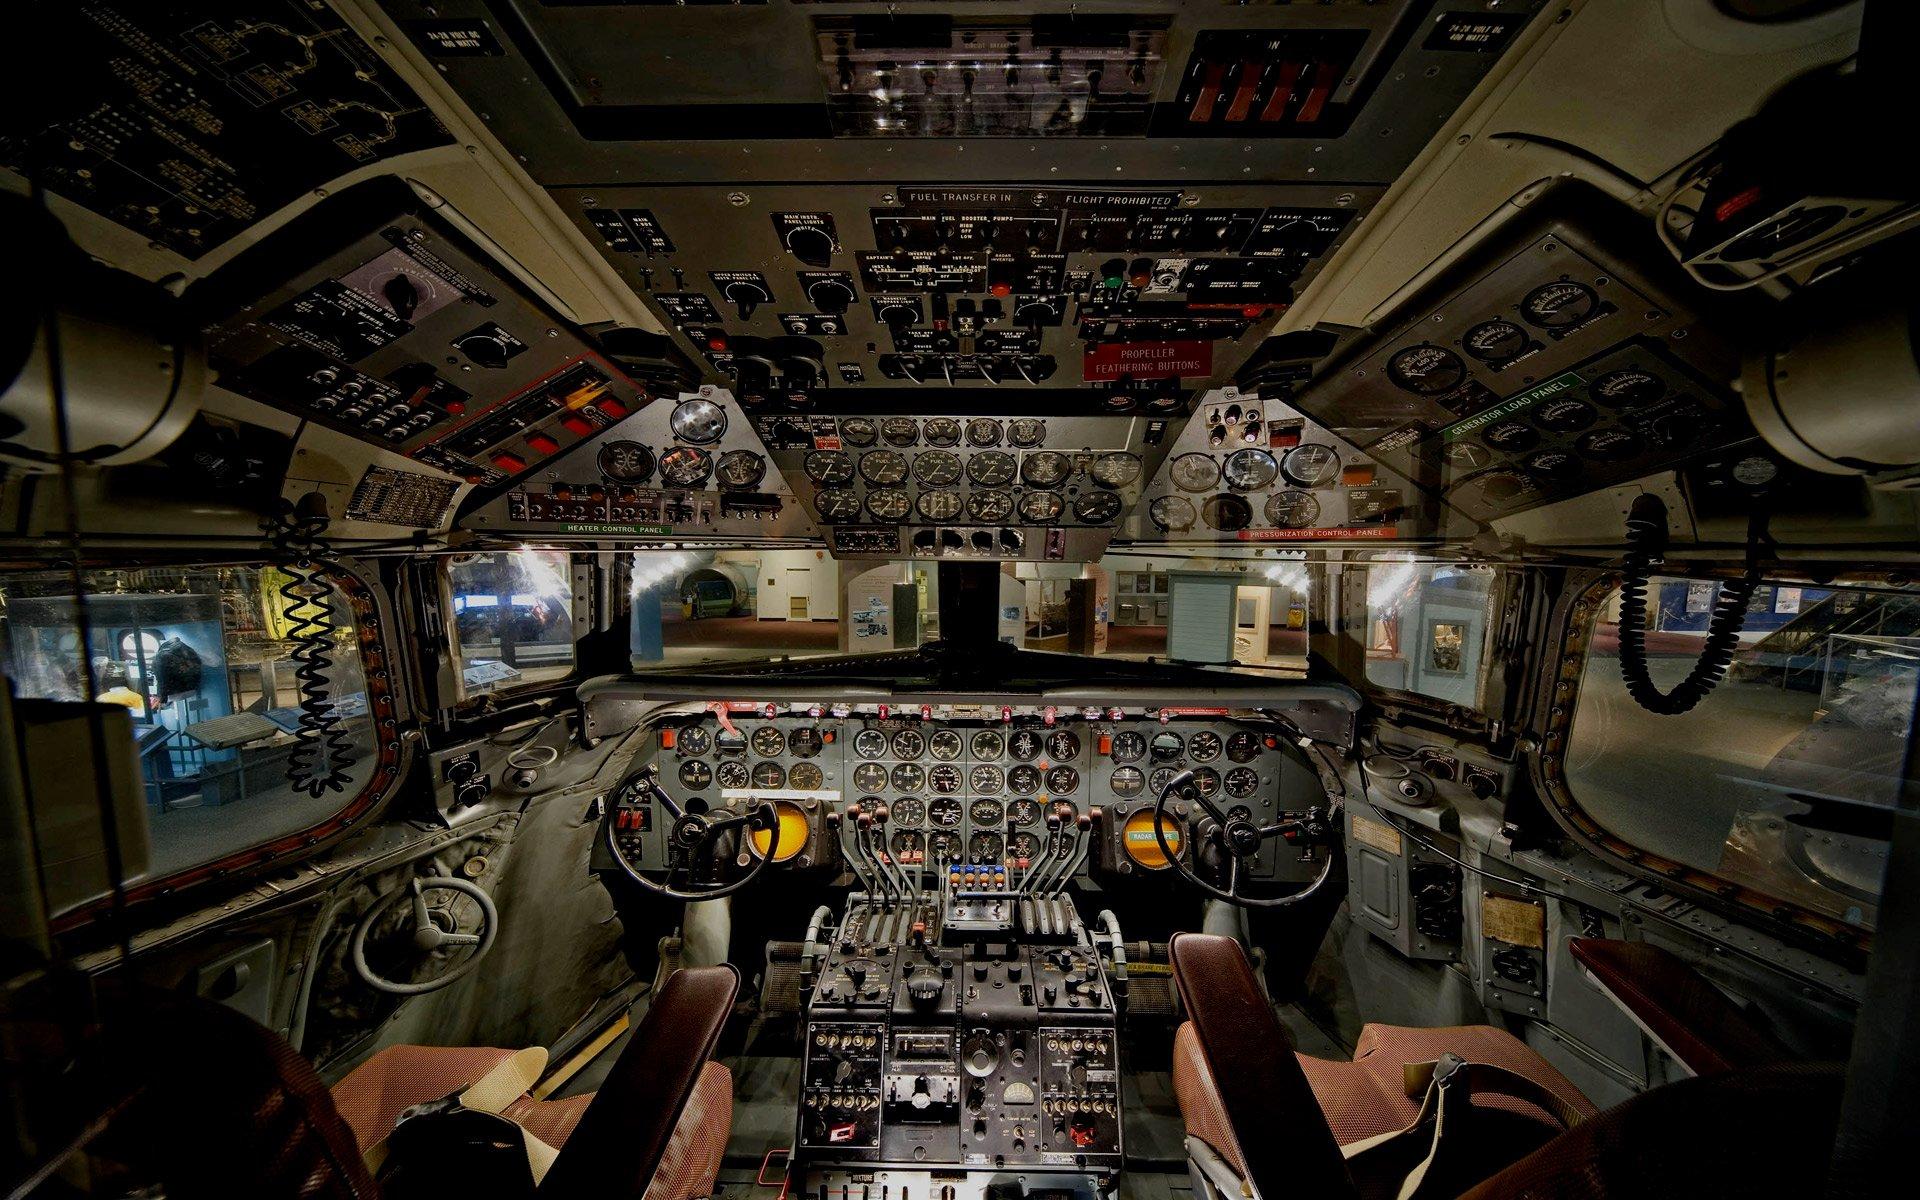 Airplane cockpit wallpaper wallpapersafari for Airplane cockpit wall mural